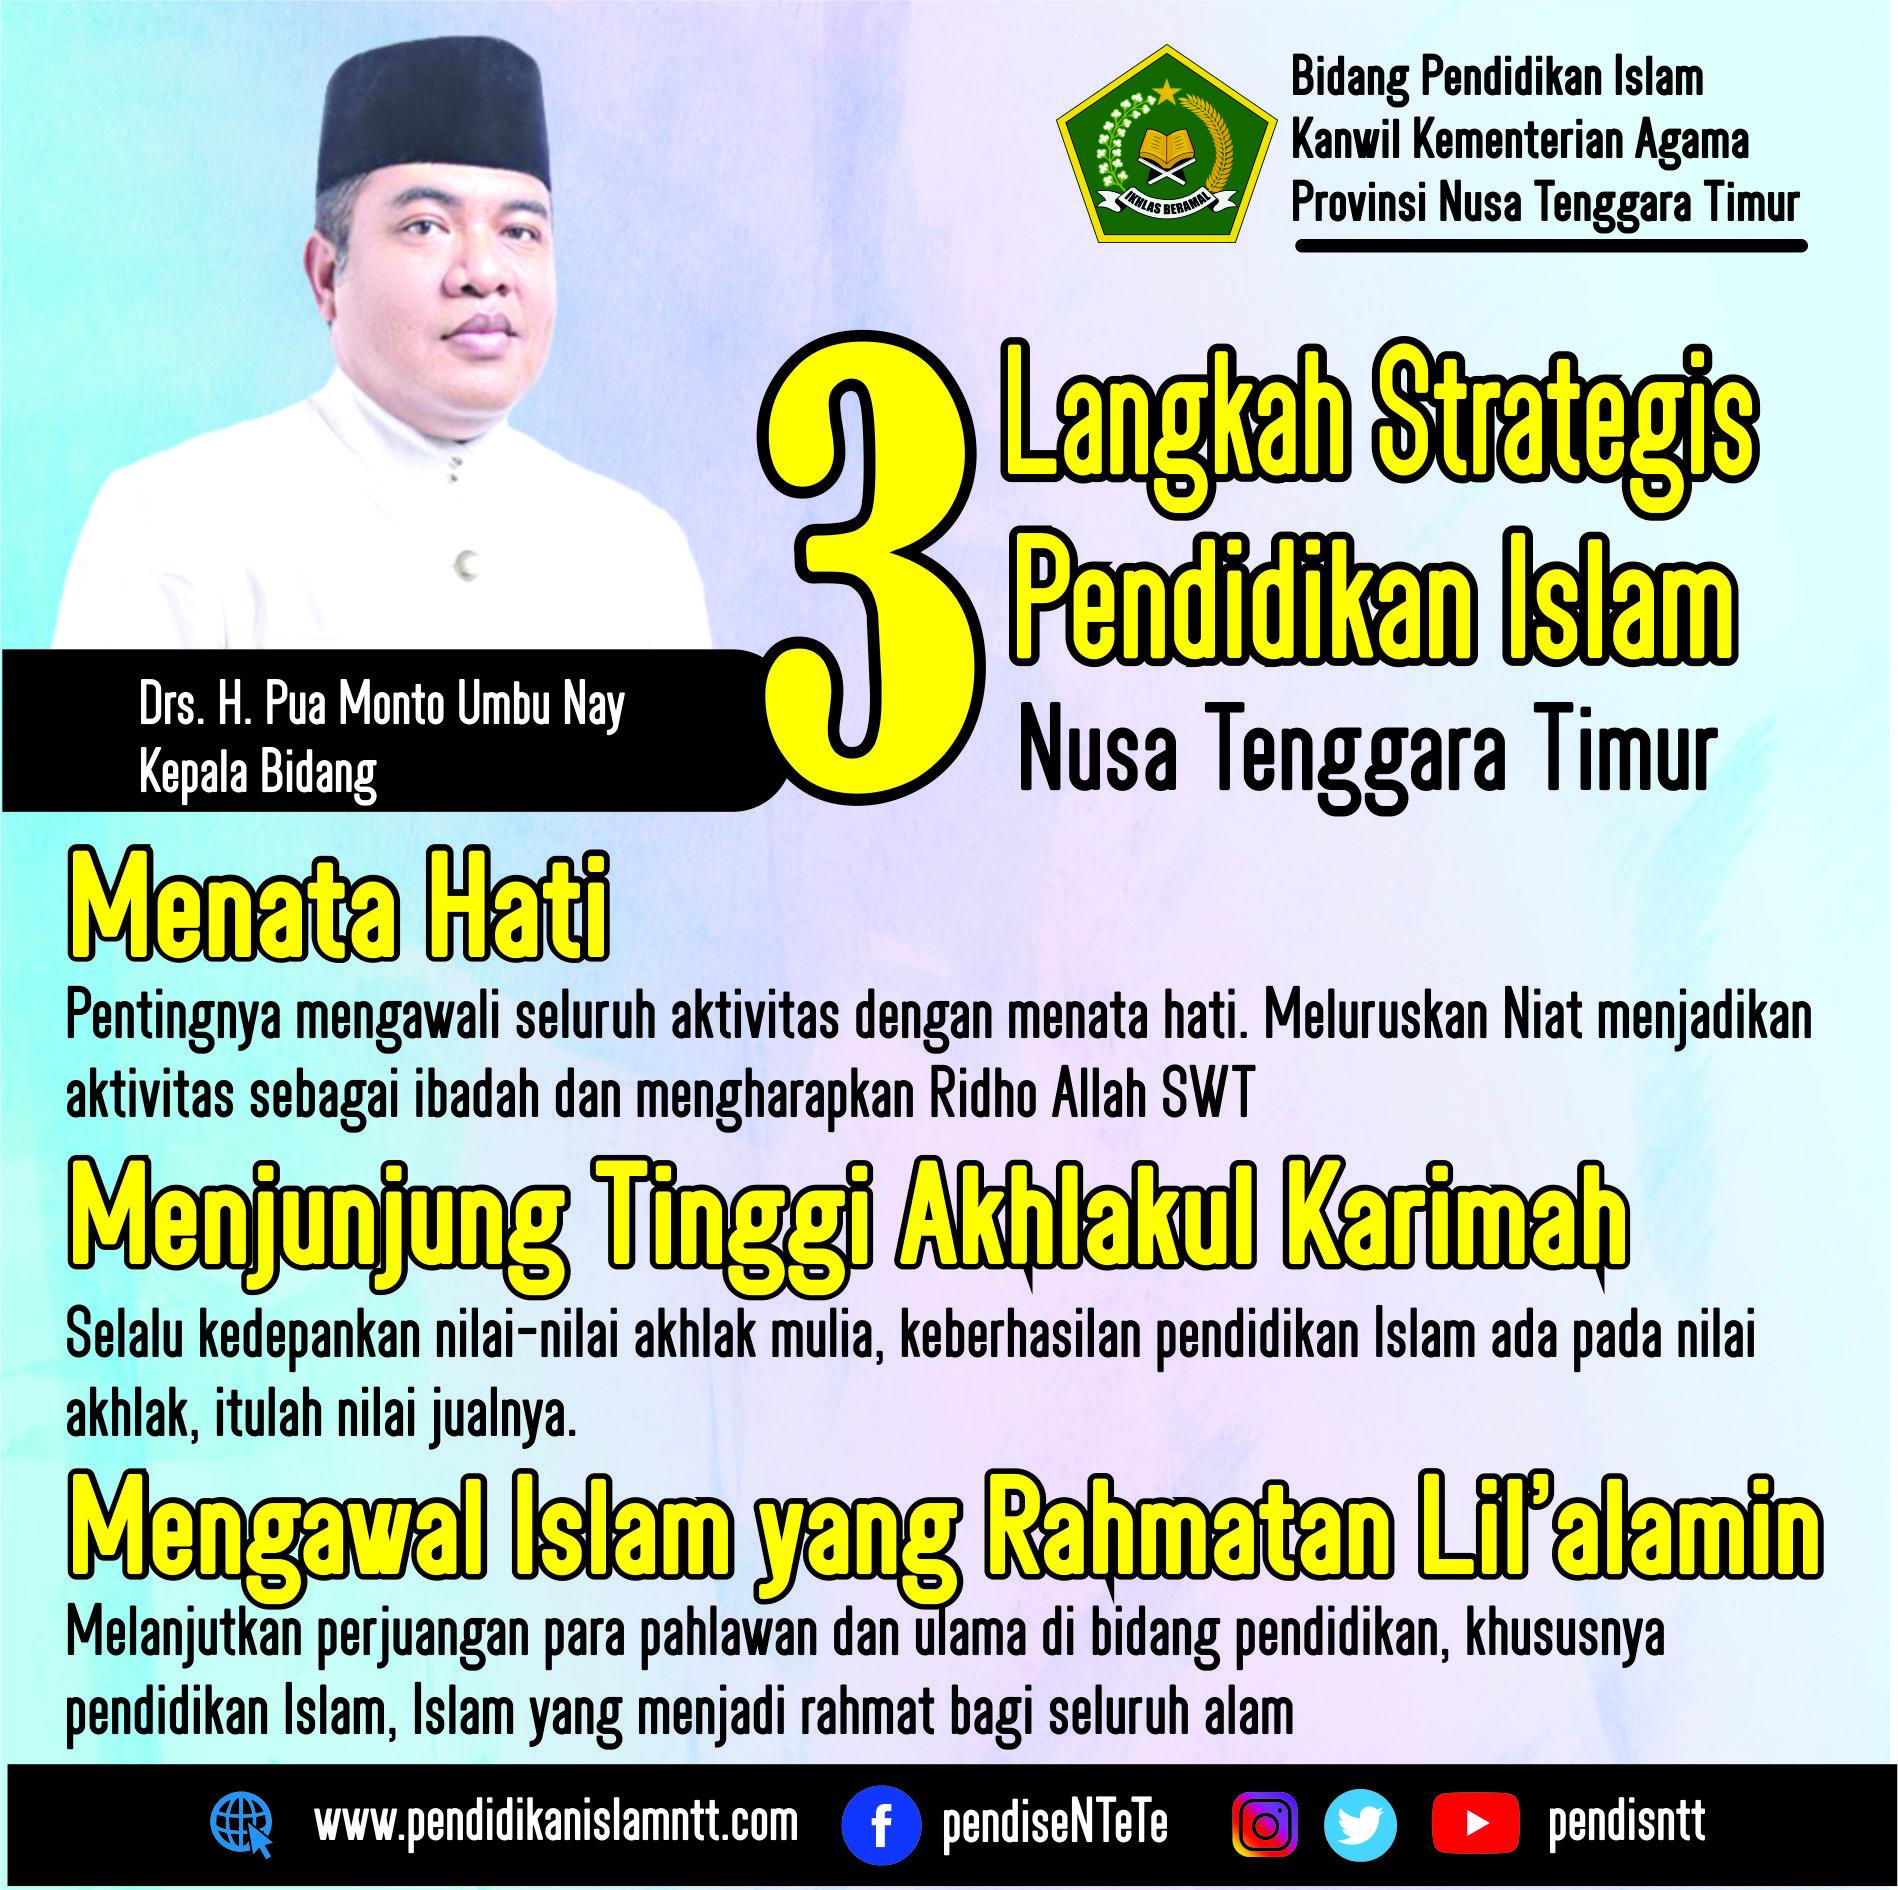 3 Langkah Strategis Pendis